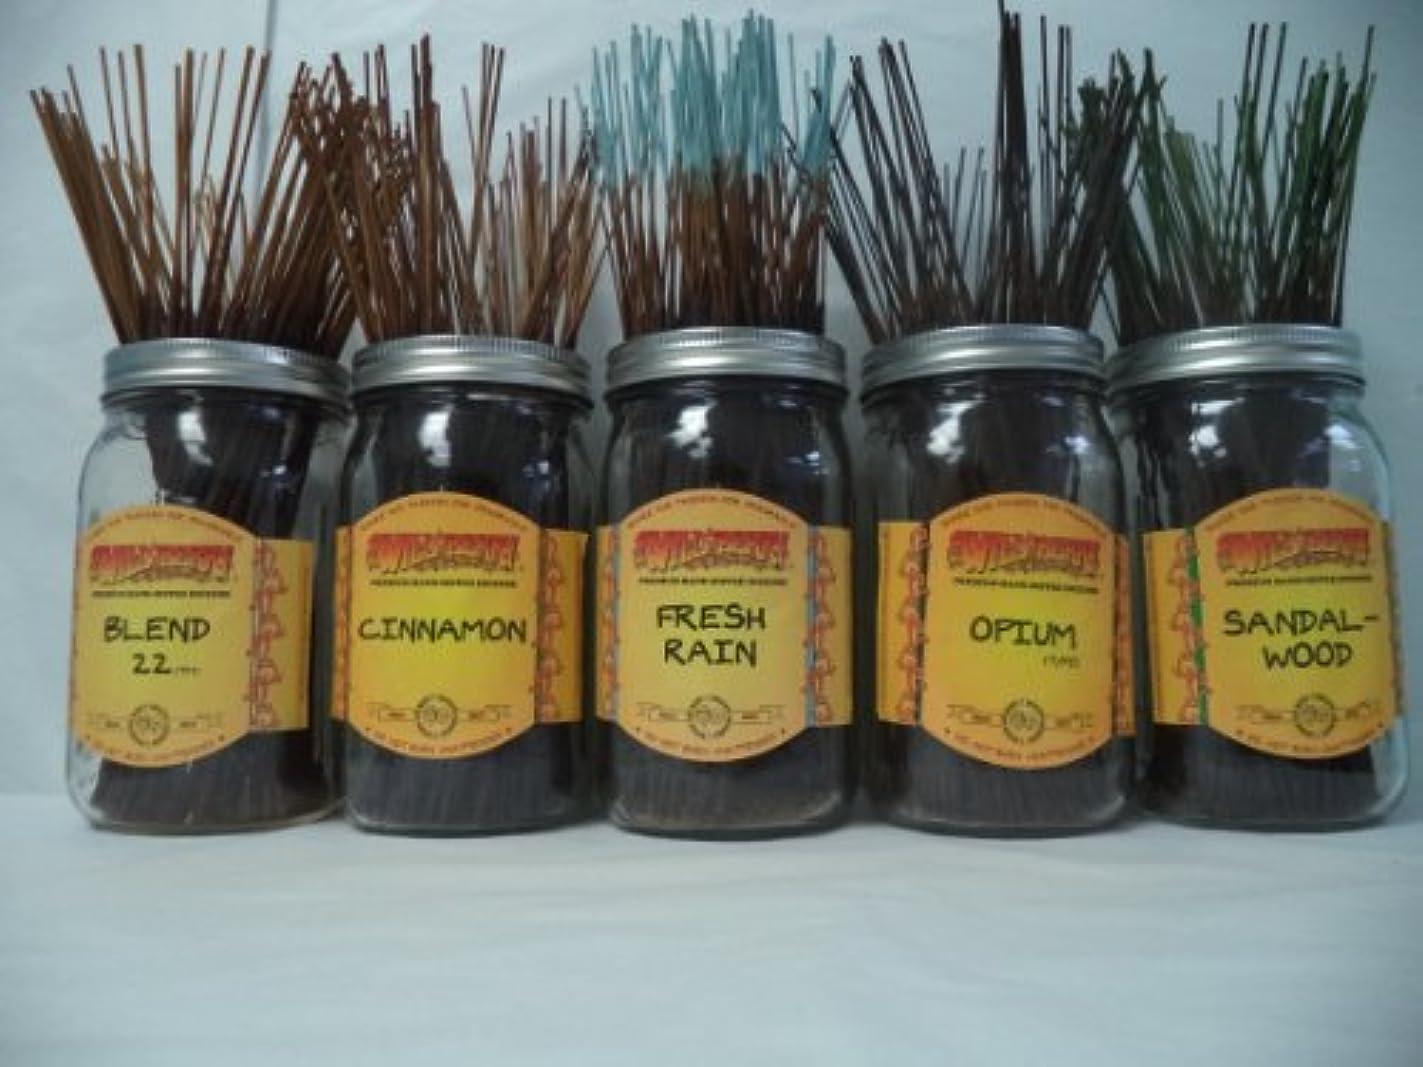 驚肉インサートWildberry Incense Sticks Best Sellerセット# 3 : 10 Sticks各5の香り、合計50 Sticks 。